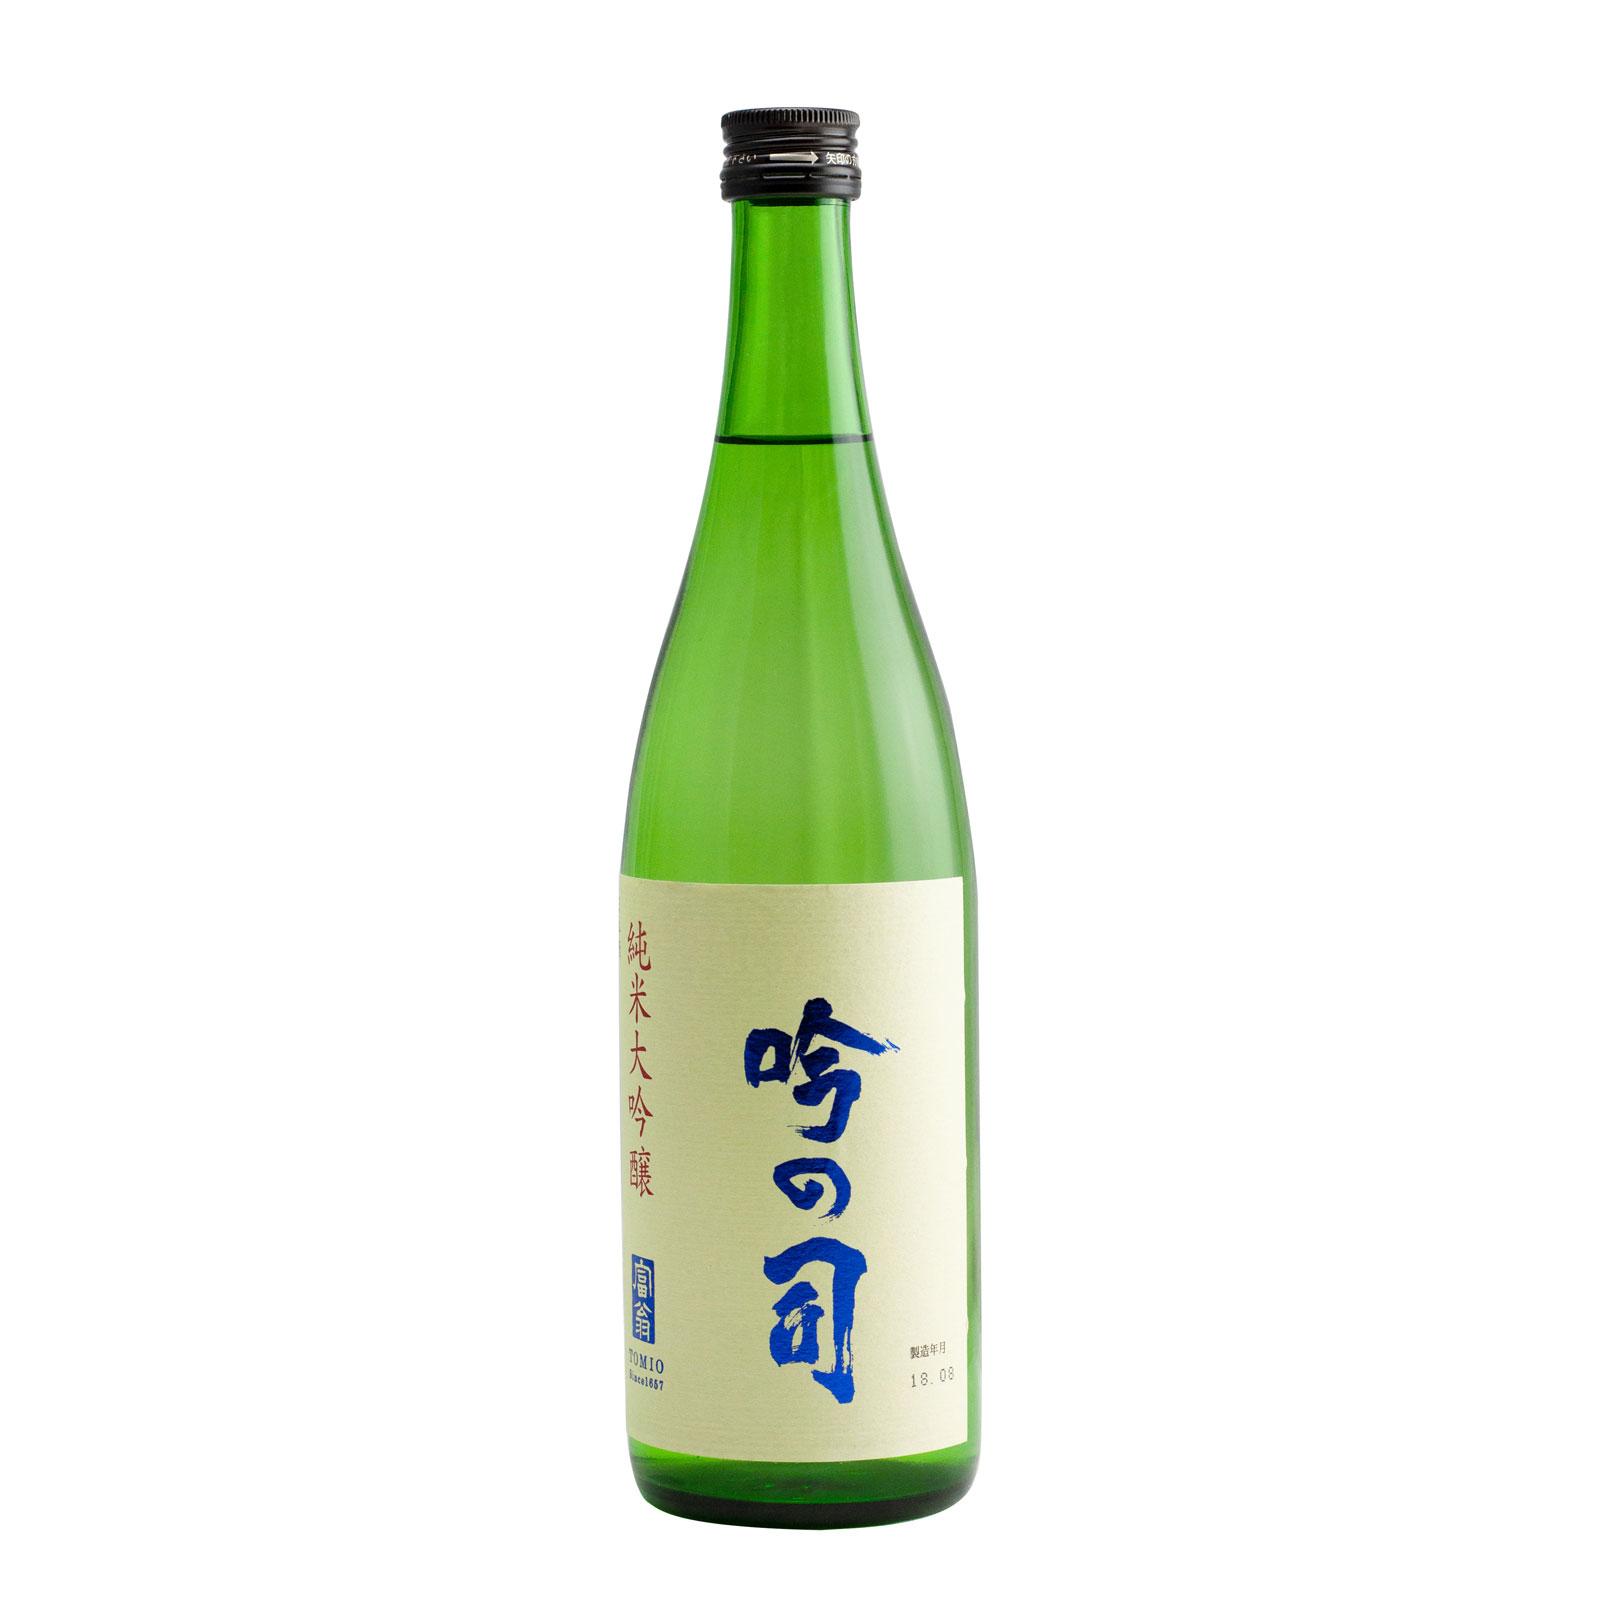 Tomio Gin No Tsukasa JDG 14% 720ml